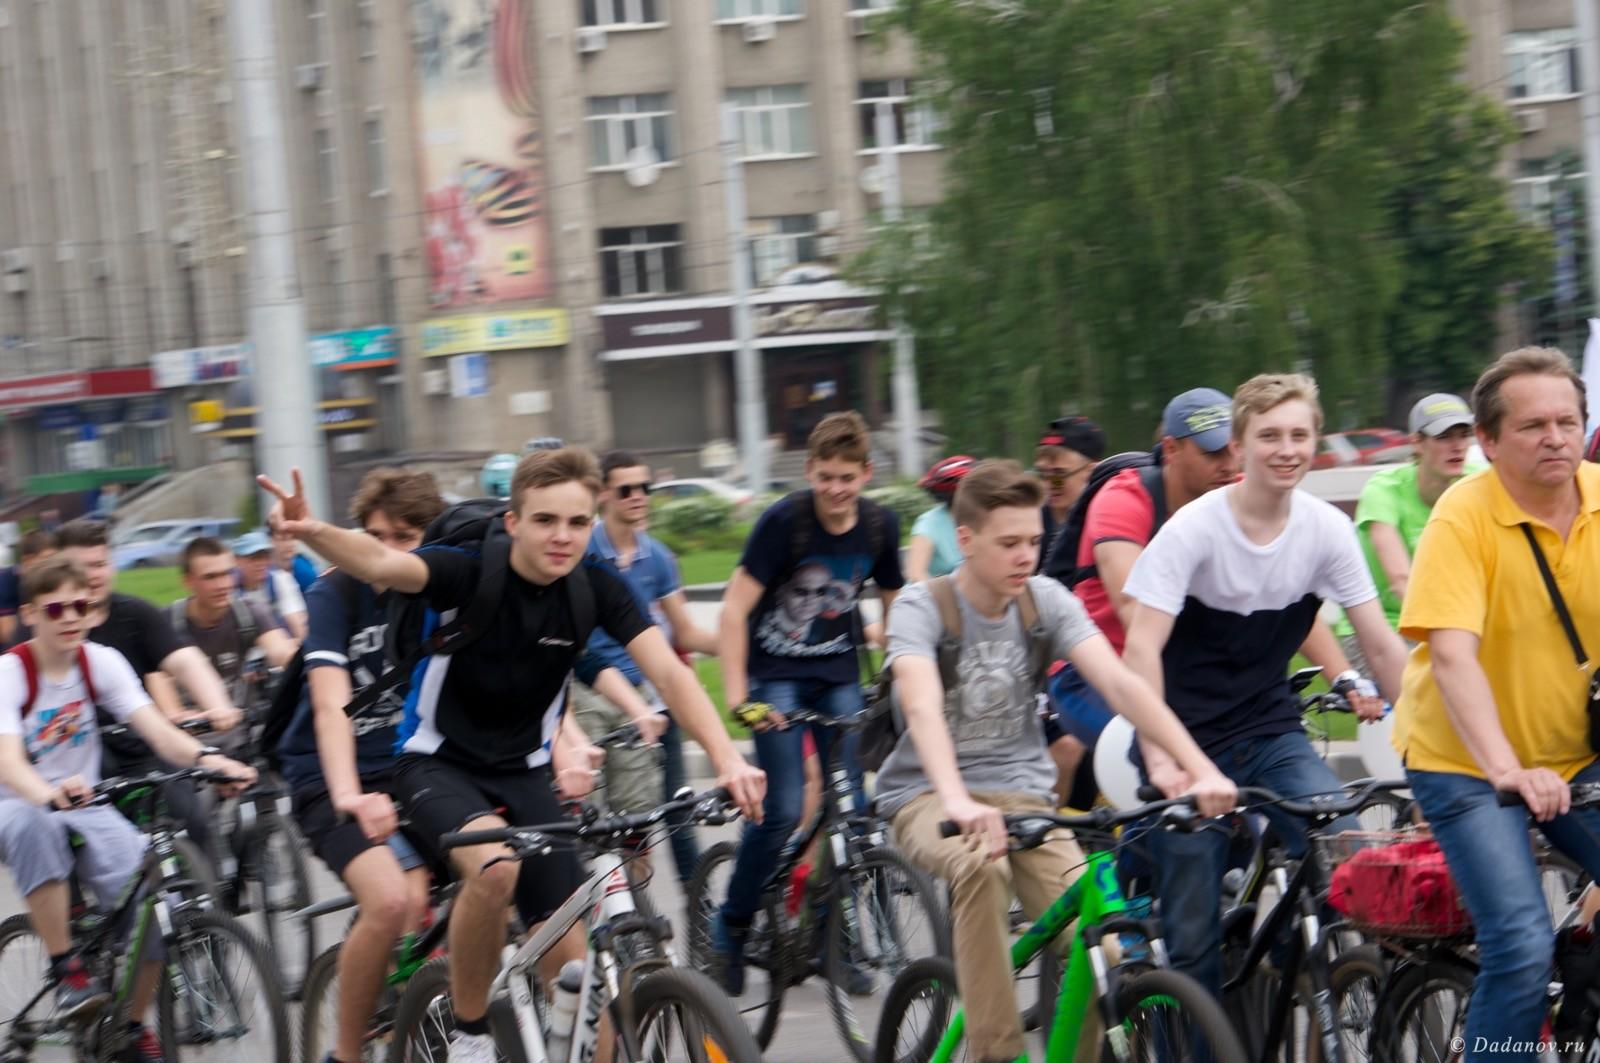 Велодень 2016 в Липецке состоялся. Фотографии с мероприятия 3004